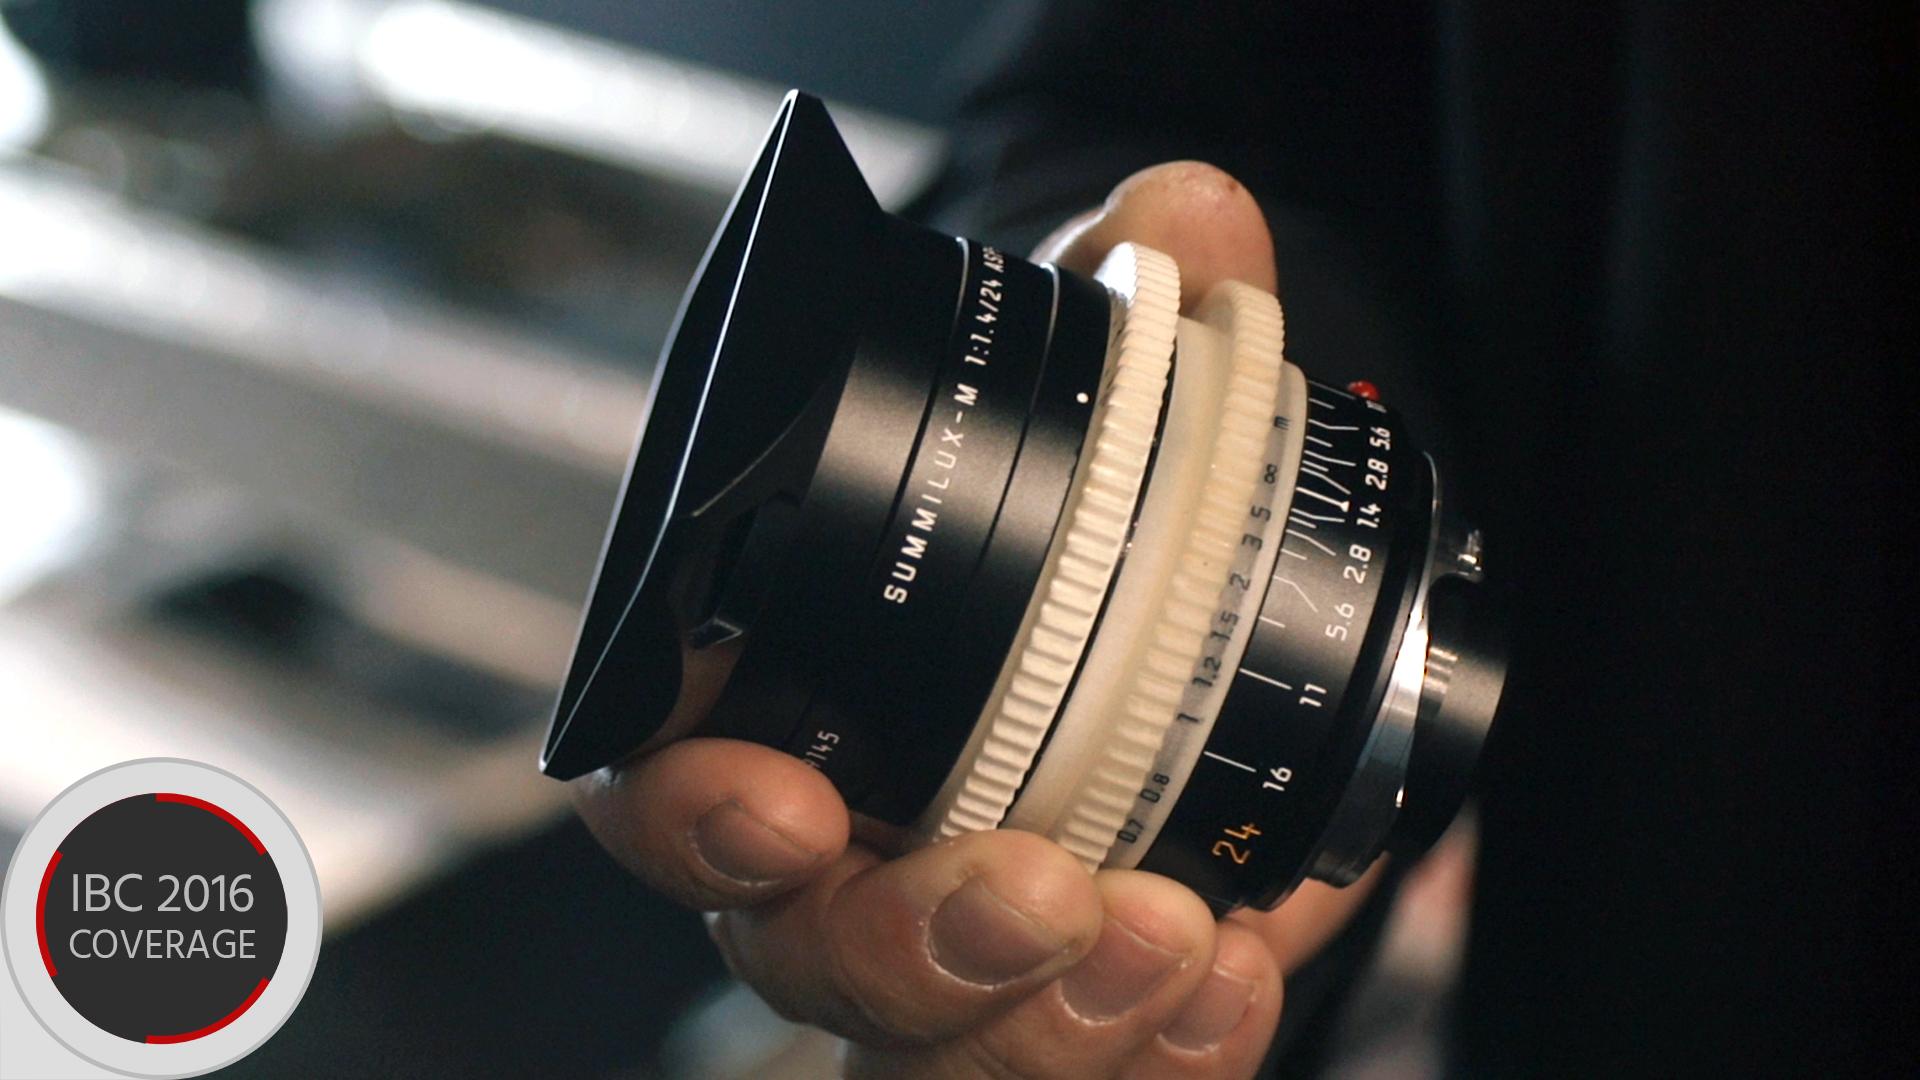 ライカM0.8シリーズシネレンズを発表 - 最高級レンズがシネレンズで登場